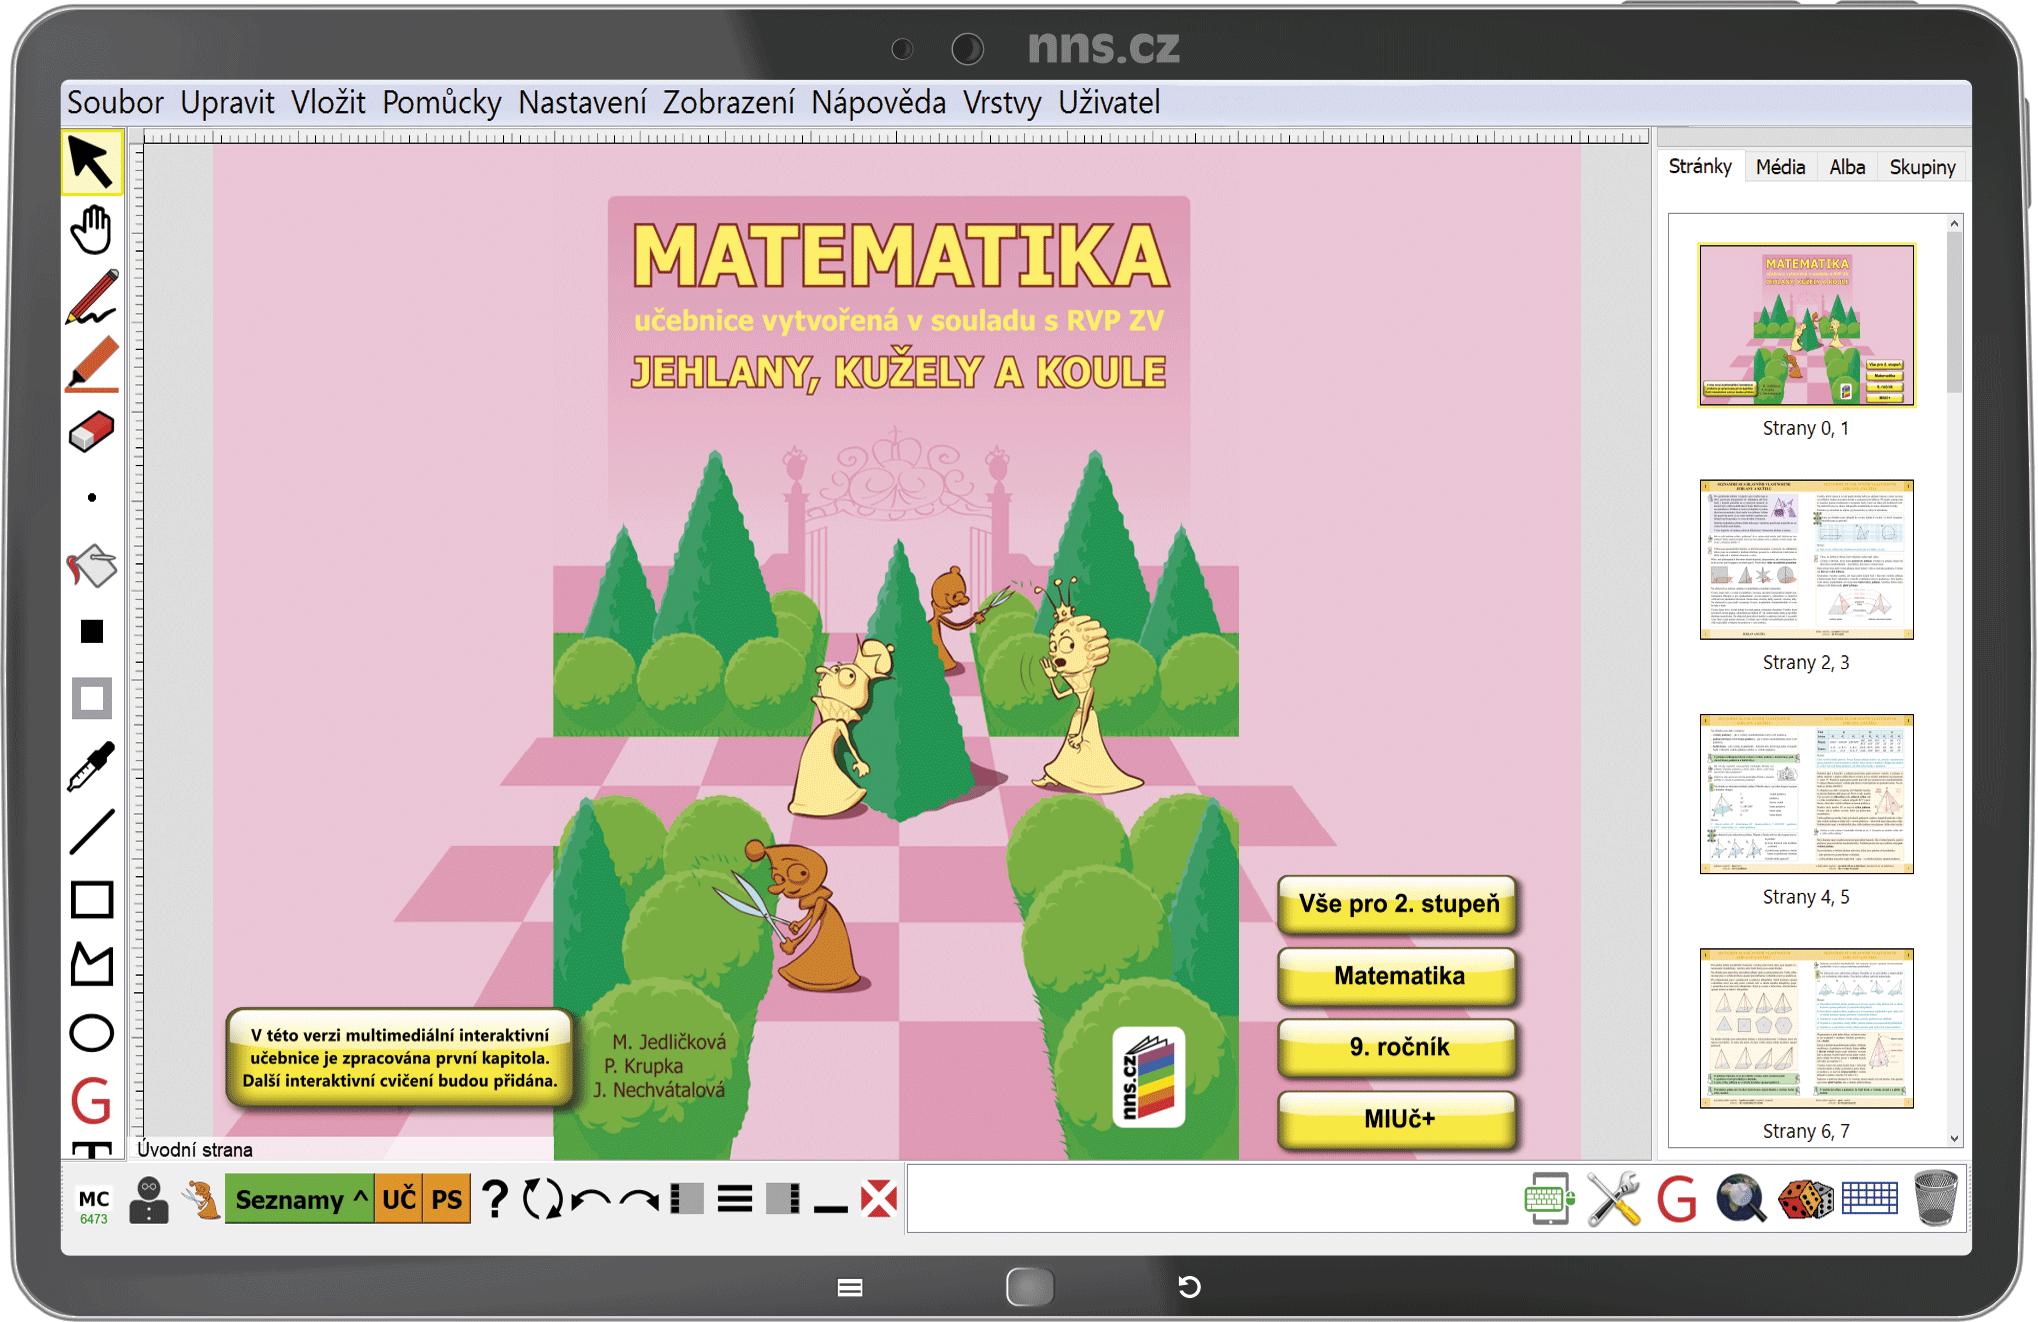 MIUč+ Matematika - Jehlany, kužely a koule – školní licence pro 1 učitele na 1 školní rok